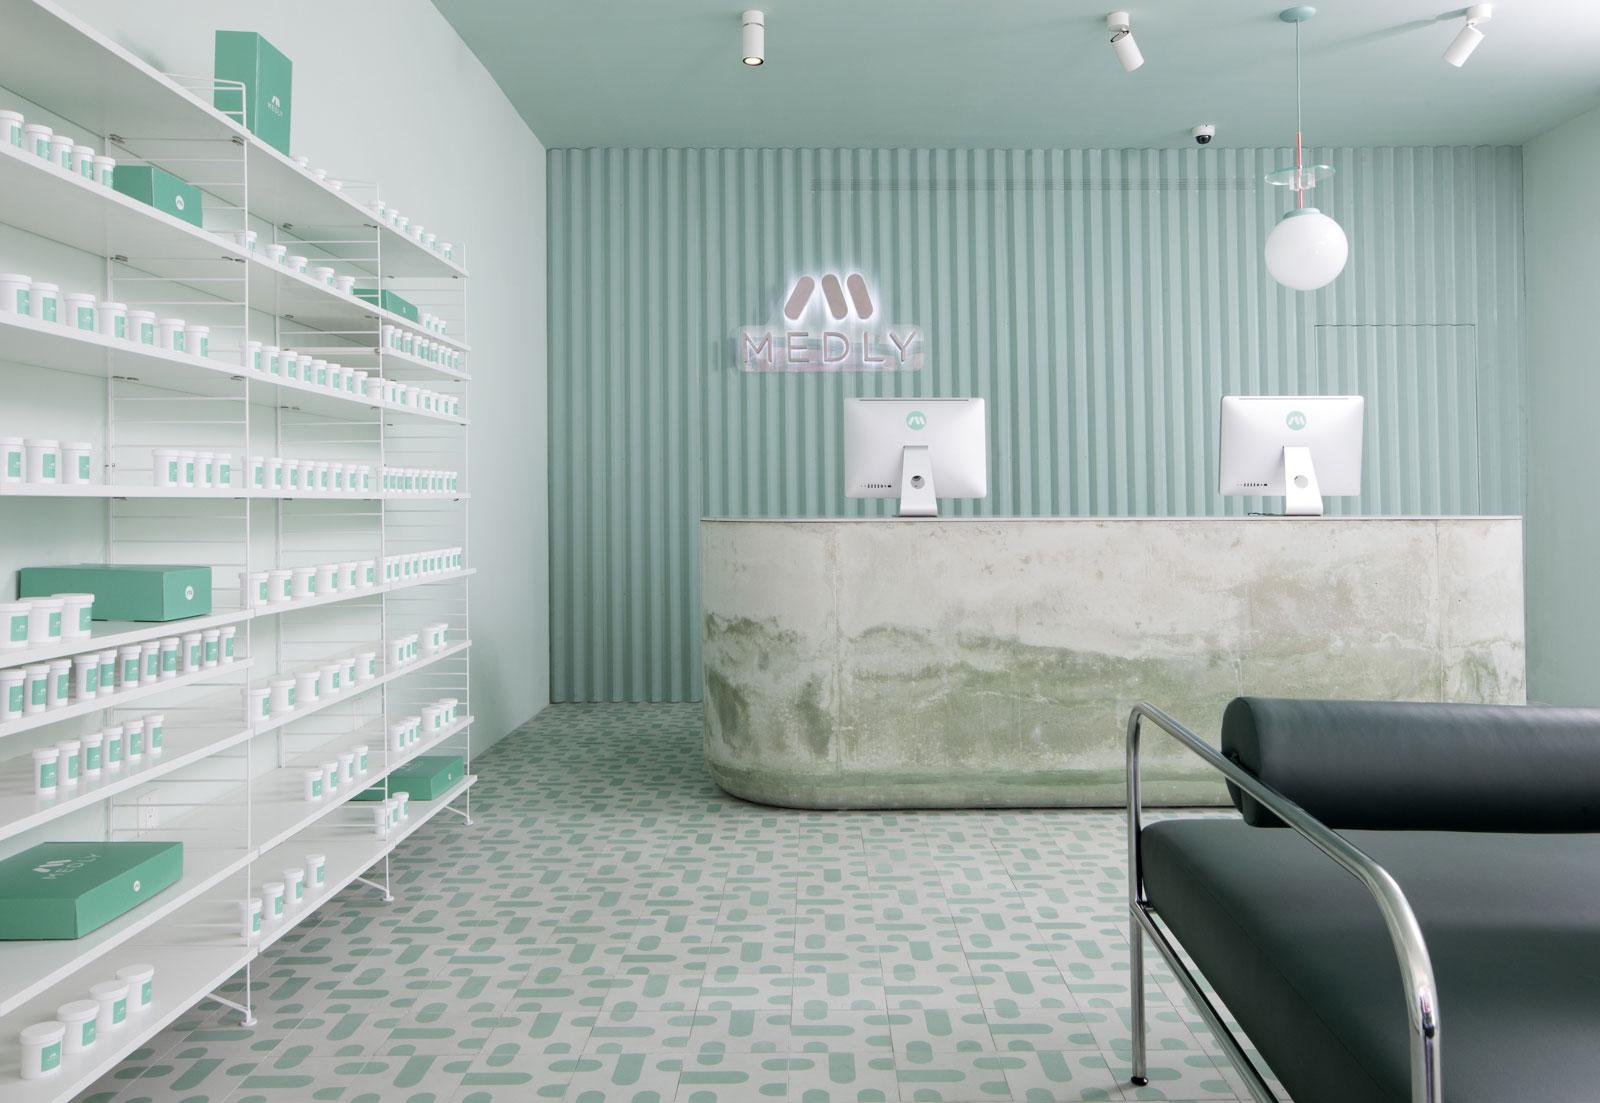 Medly-Pharmacy-Design-4Q2C7551.jpg